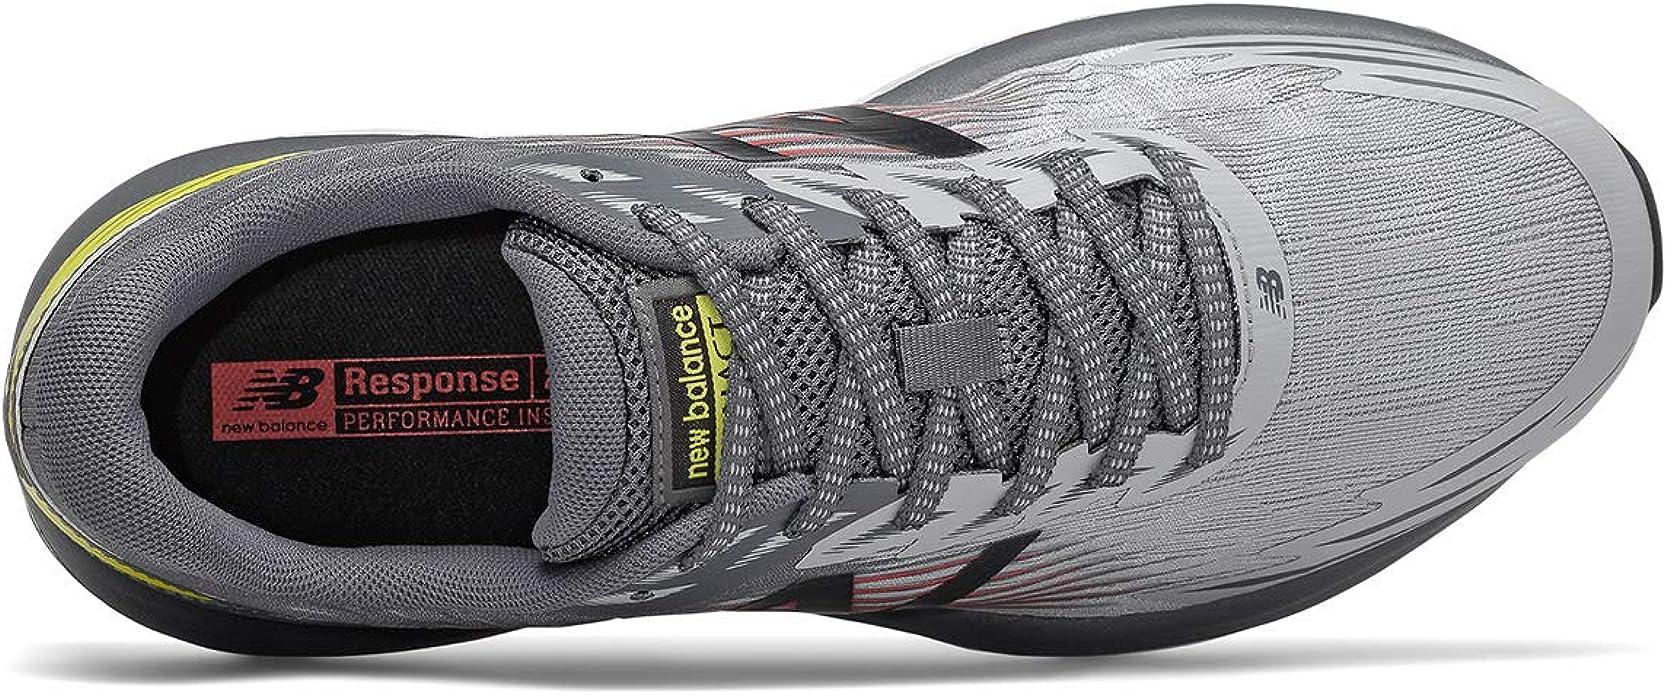 New Balance Synact Zapatillas para Correr - SS20: Amazon.es: Zapatos y complementos